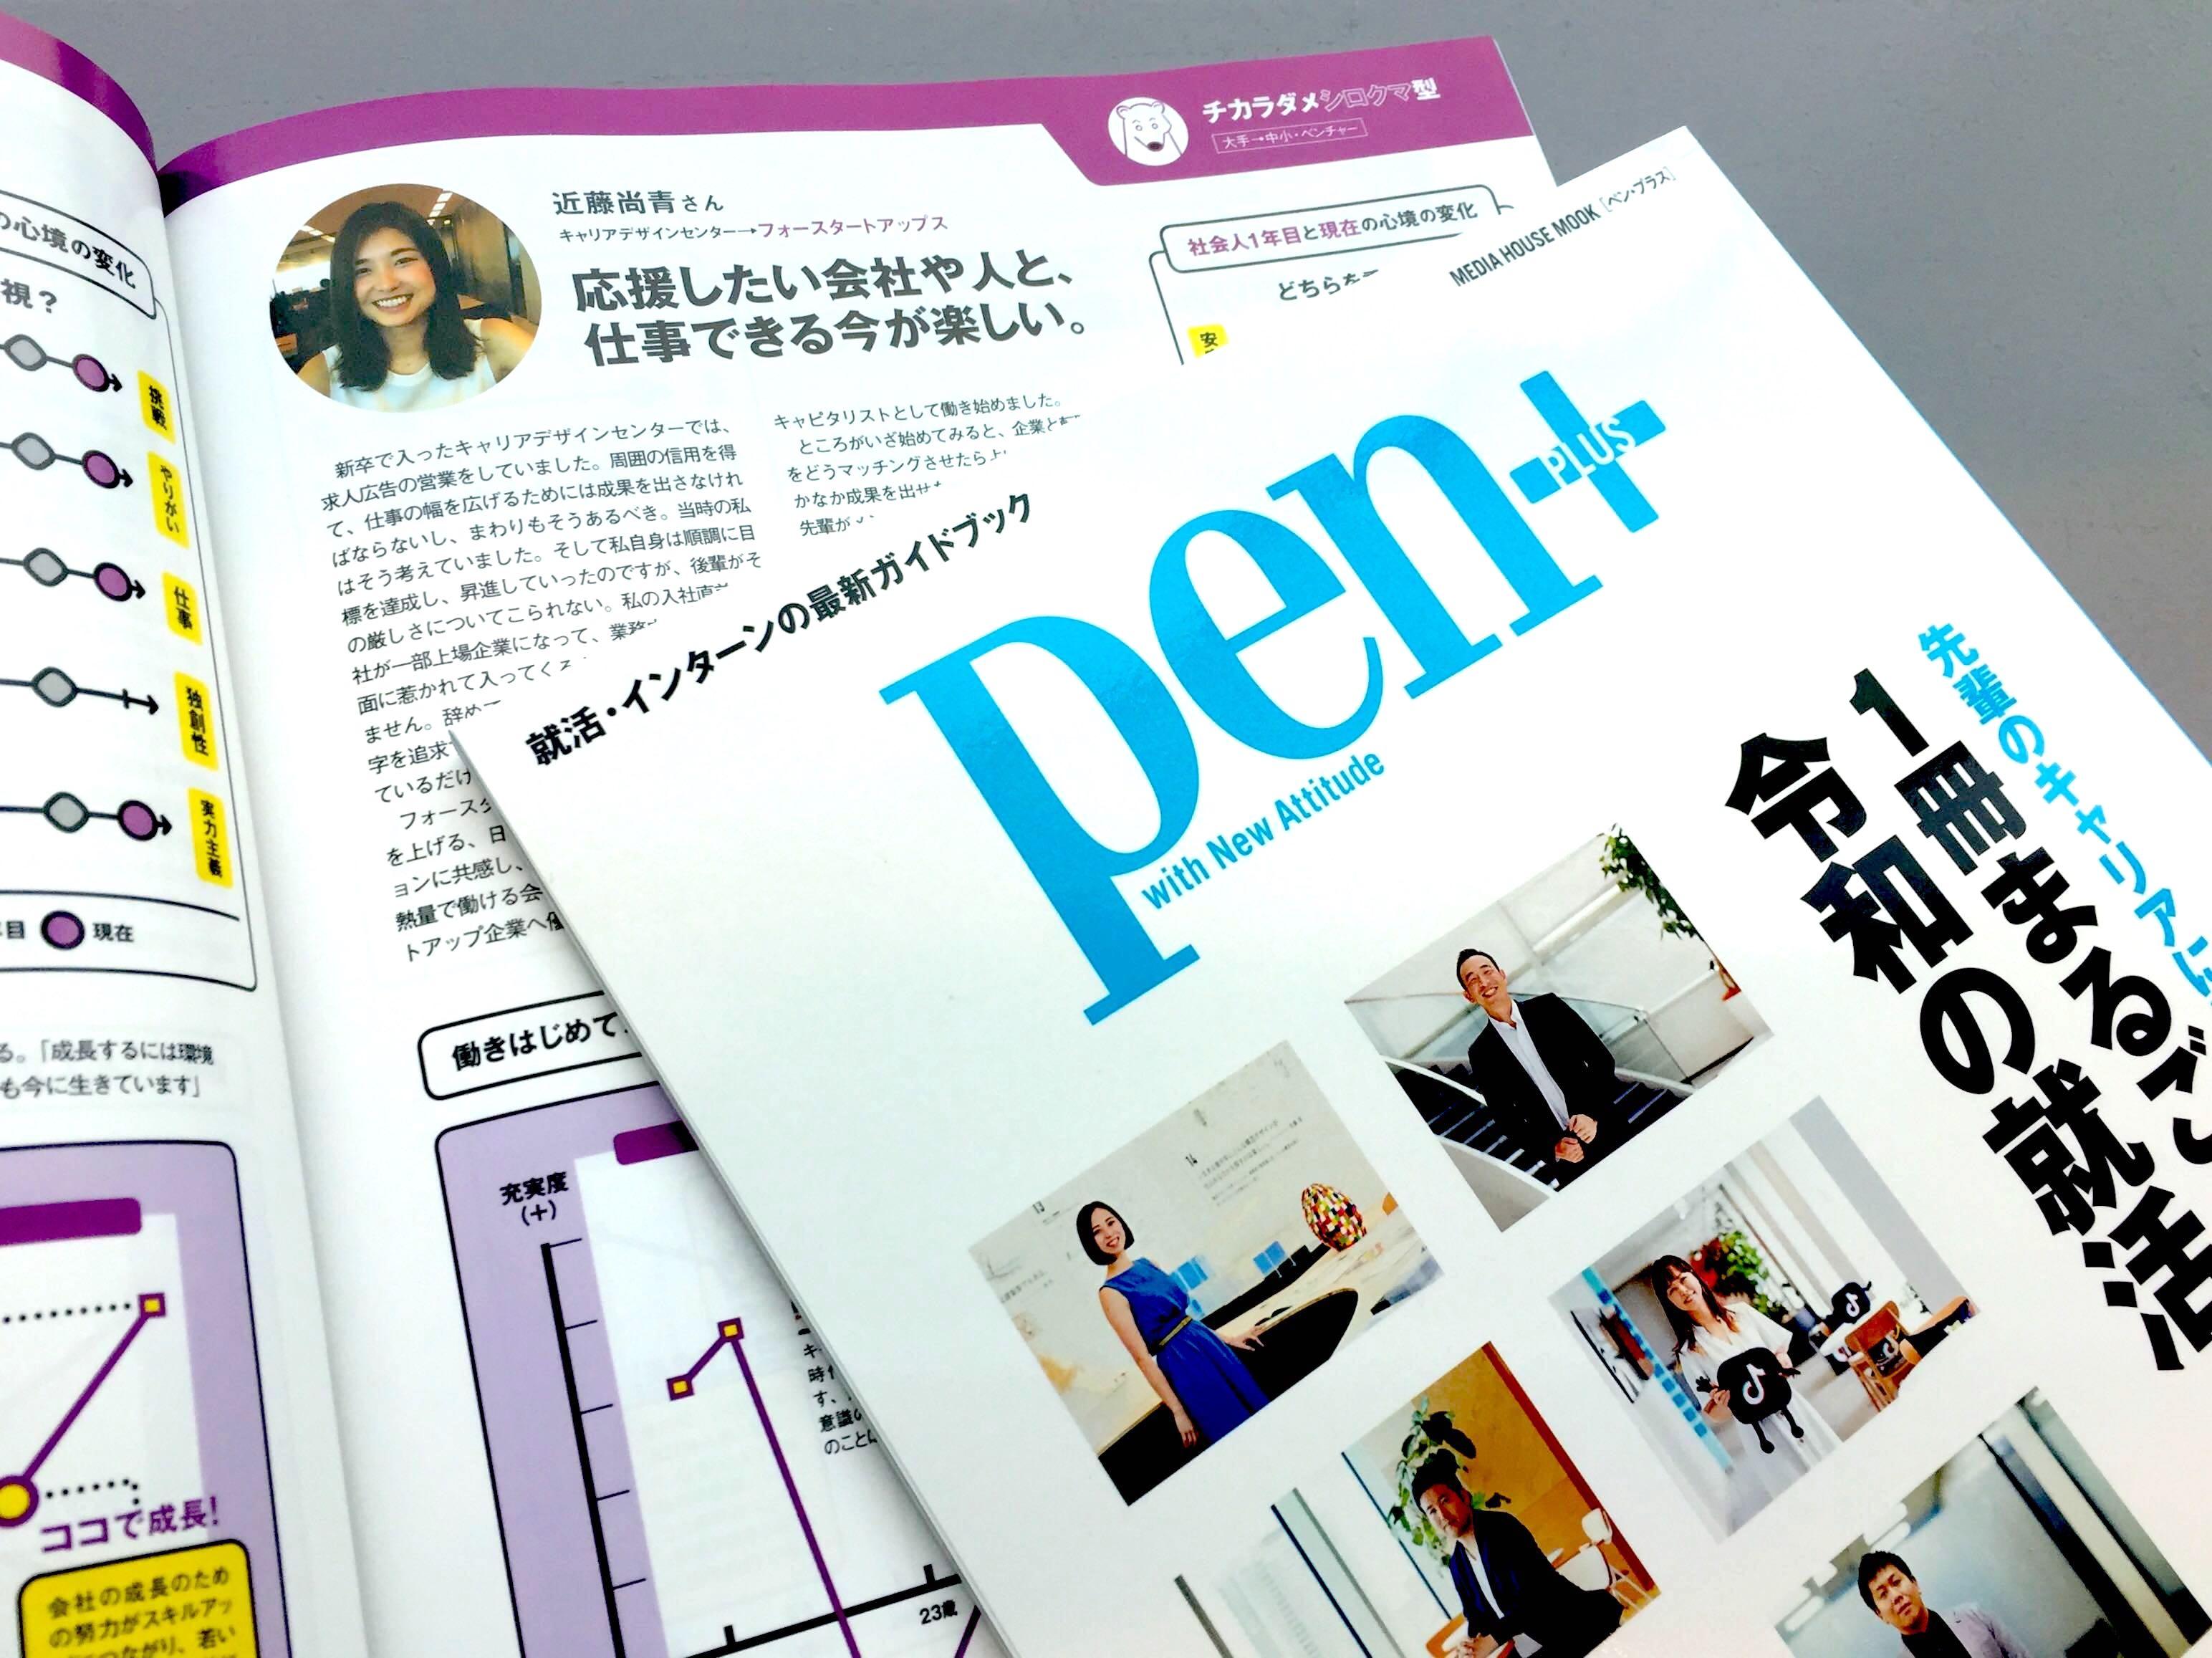 """2019年10月16日発売 『pen +』""""1冊まるごと、令和の就活。""""にて、当社ヒューマンキャピタリスト近藤尚青のインタビュー記事が掲載されました。"""